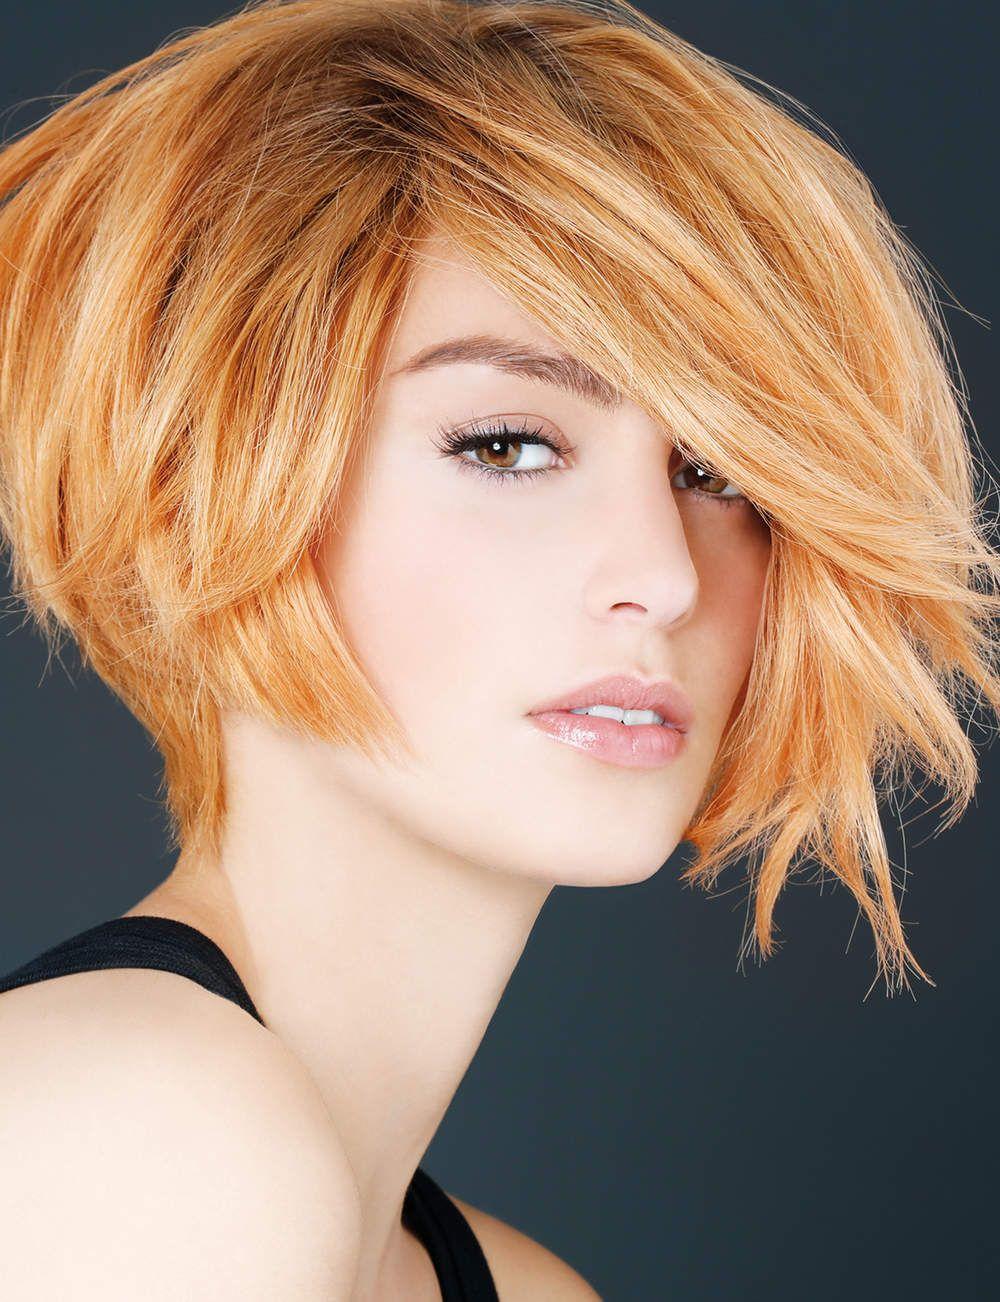 Les tendances coupes de cheveux de l'automne/hiver | Coupe de cheveux, Cheveux courts, Cheveux